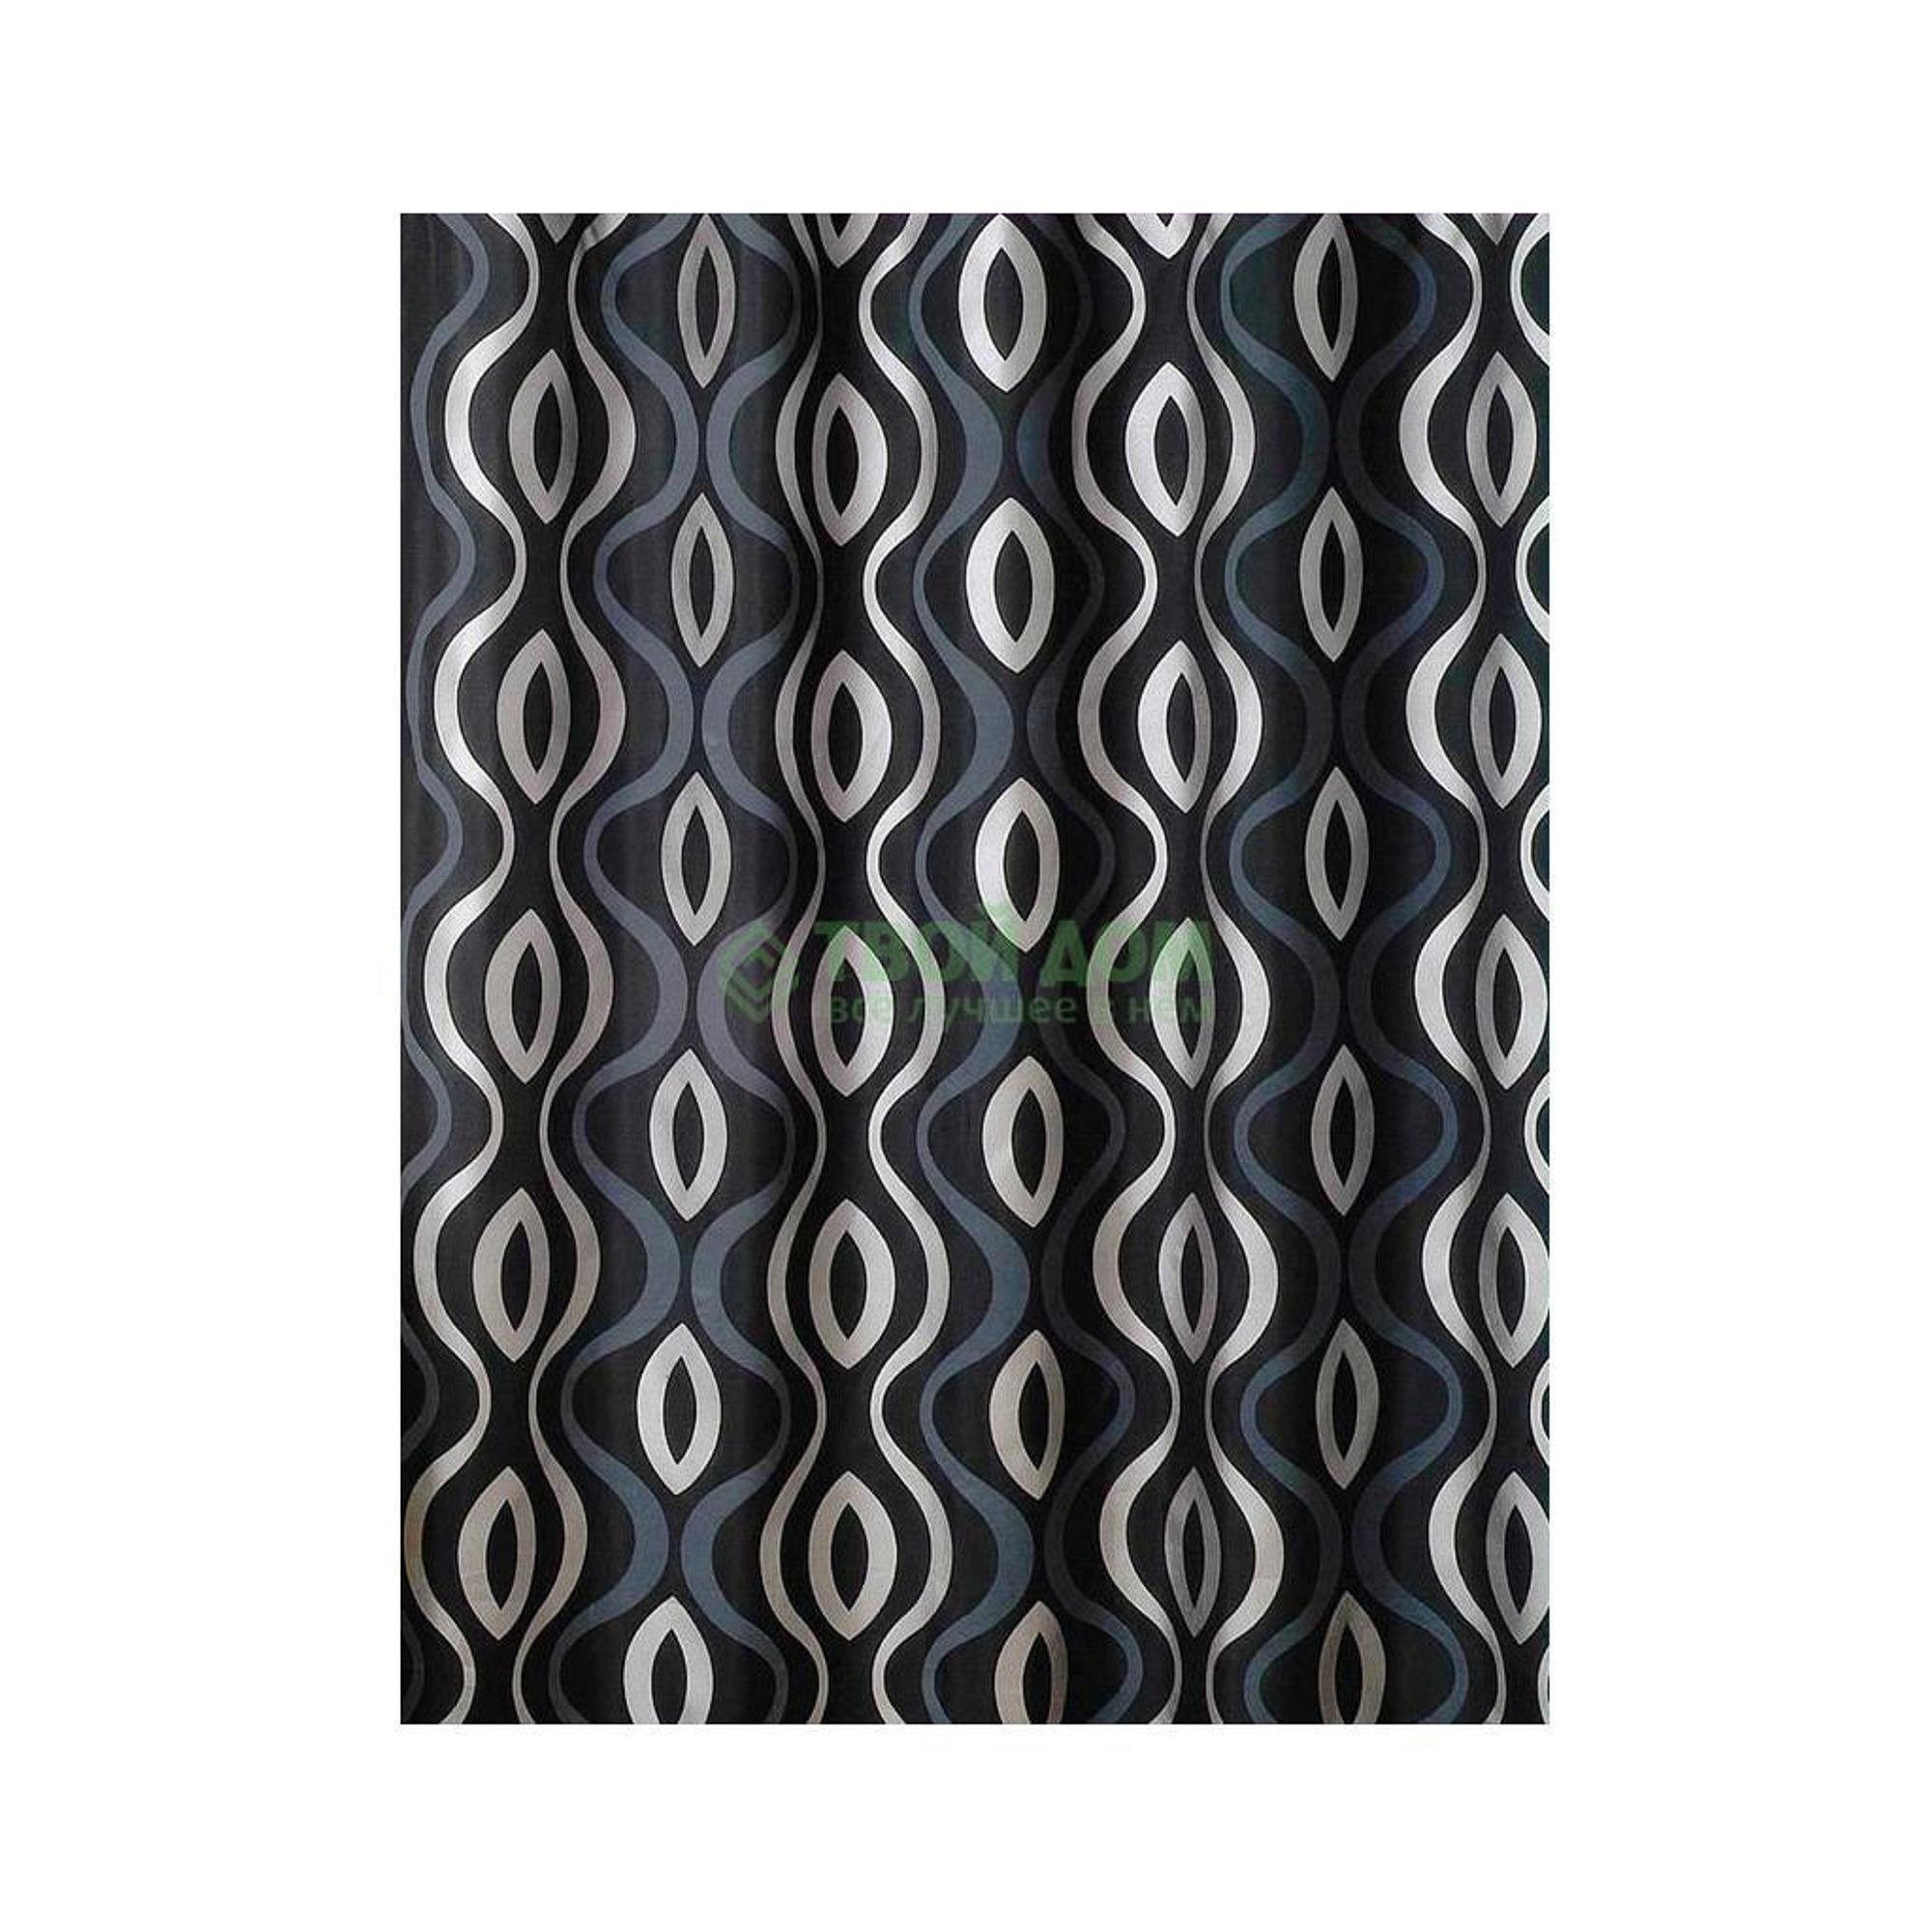 Штора для ванной комнаты Primanova Planet с волнообразным рисунком (черная) 180х200 см